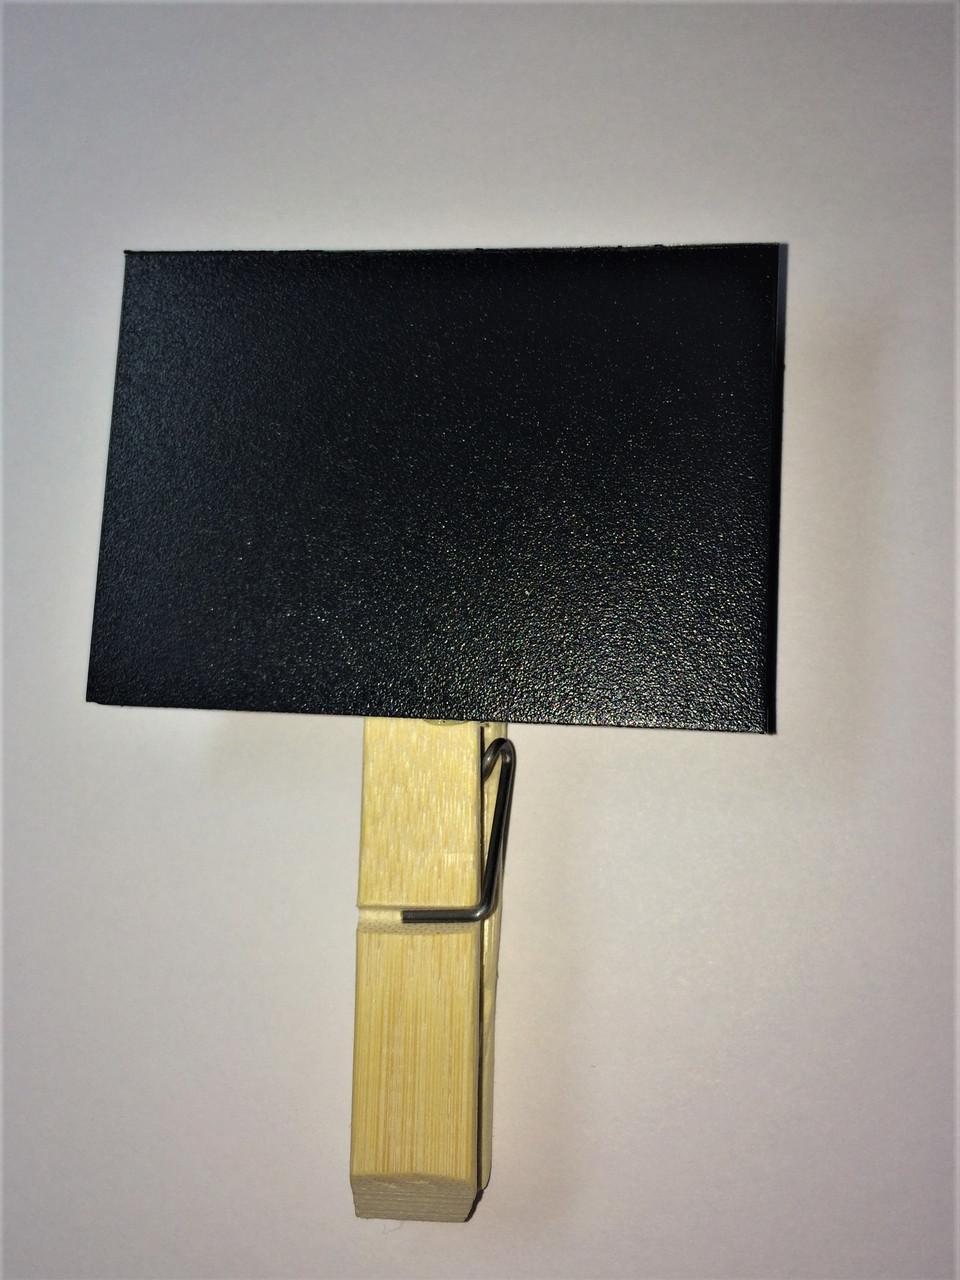 Меловой ценник 3х6 см с прищепкой держателем для надписей мелом и маркером. Грифельная табличка